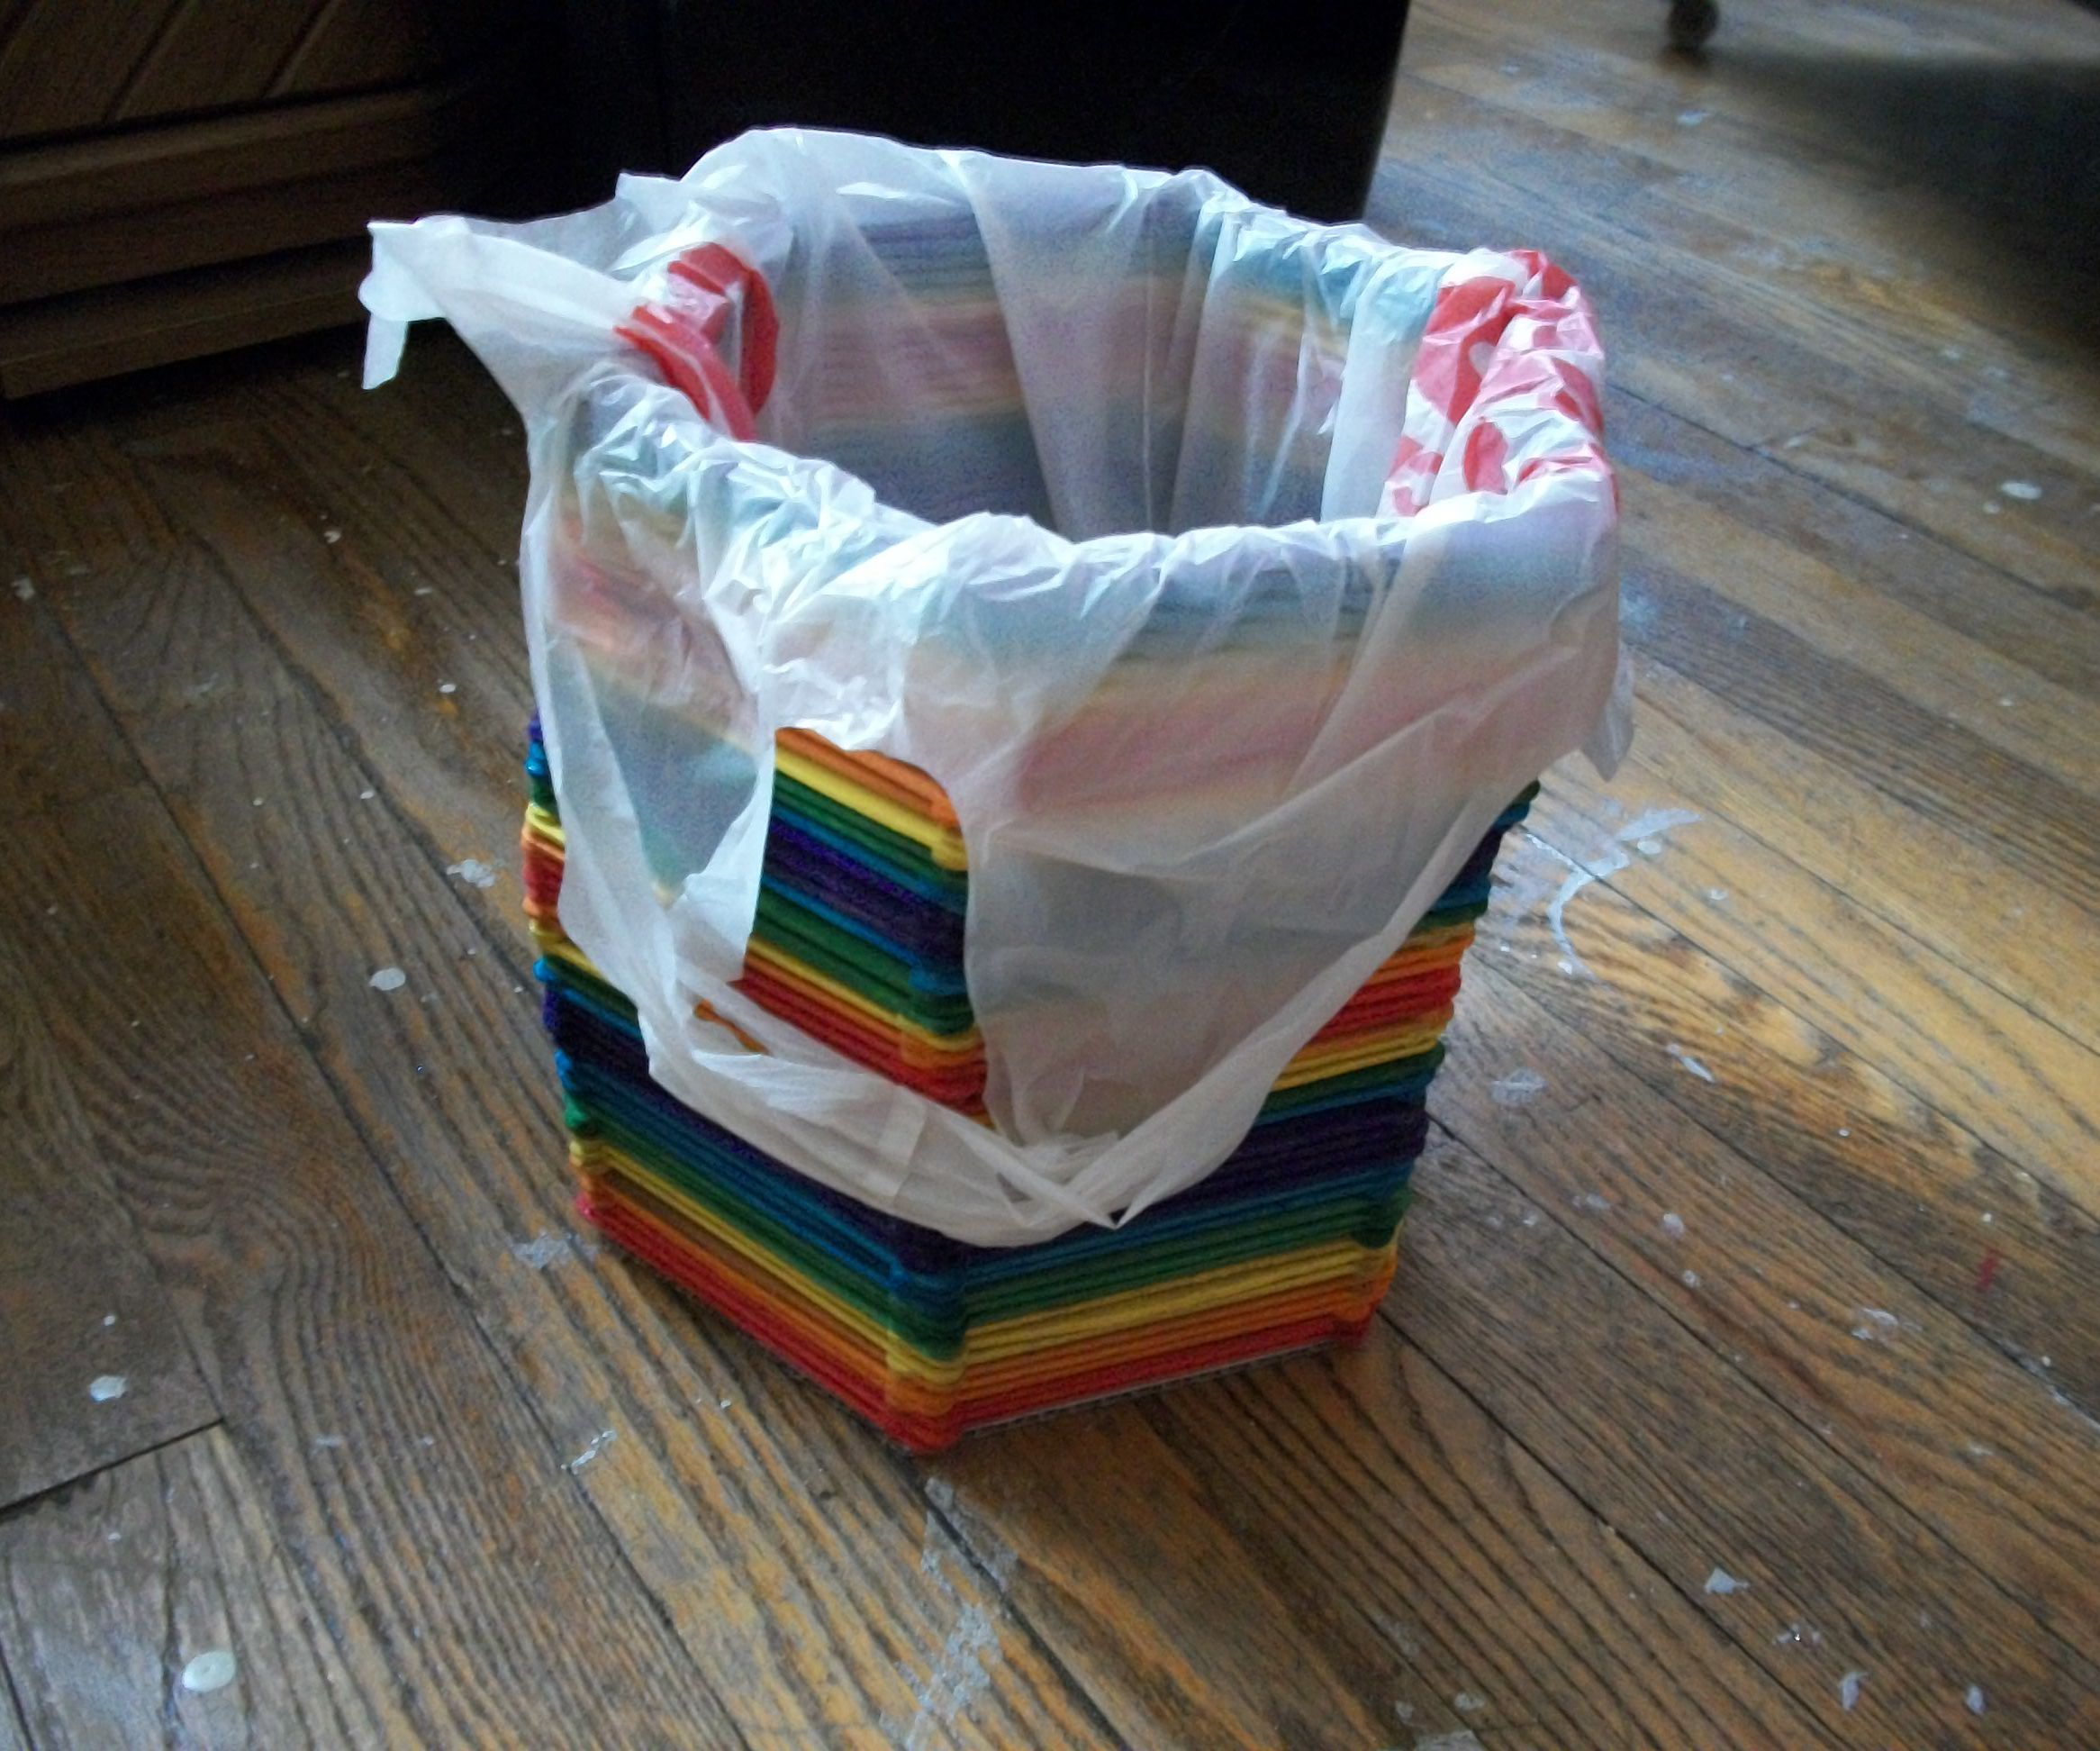 Rainbow Craft Stick Wastebasket